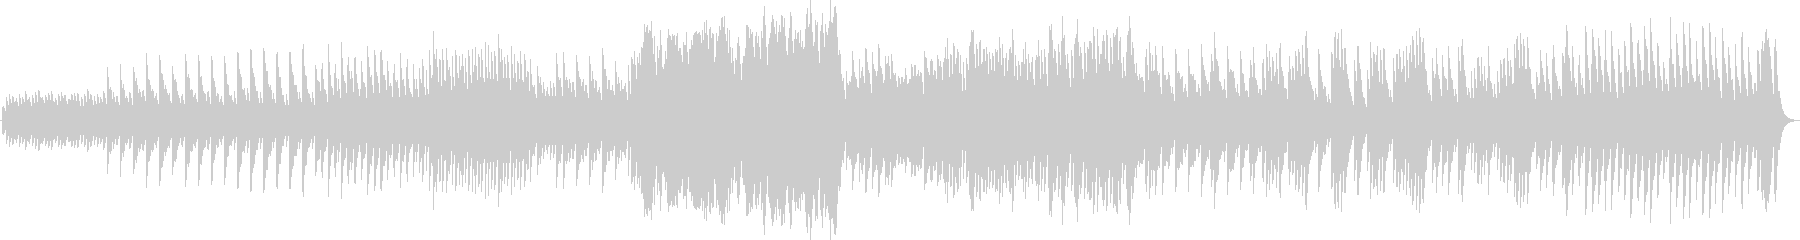 パッヘルベルのカノン(オルゴールアレンジの未再生の波形